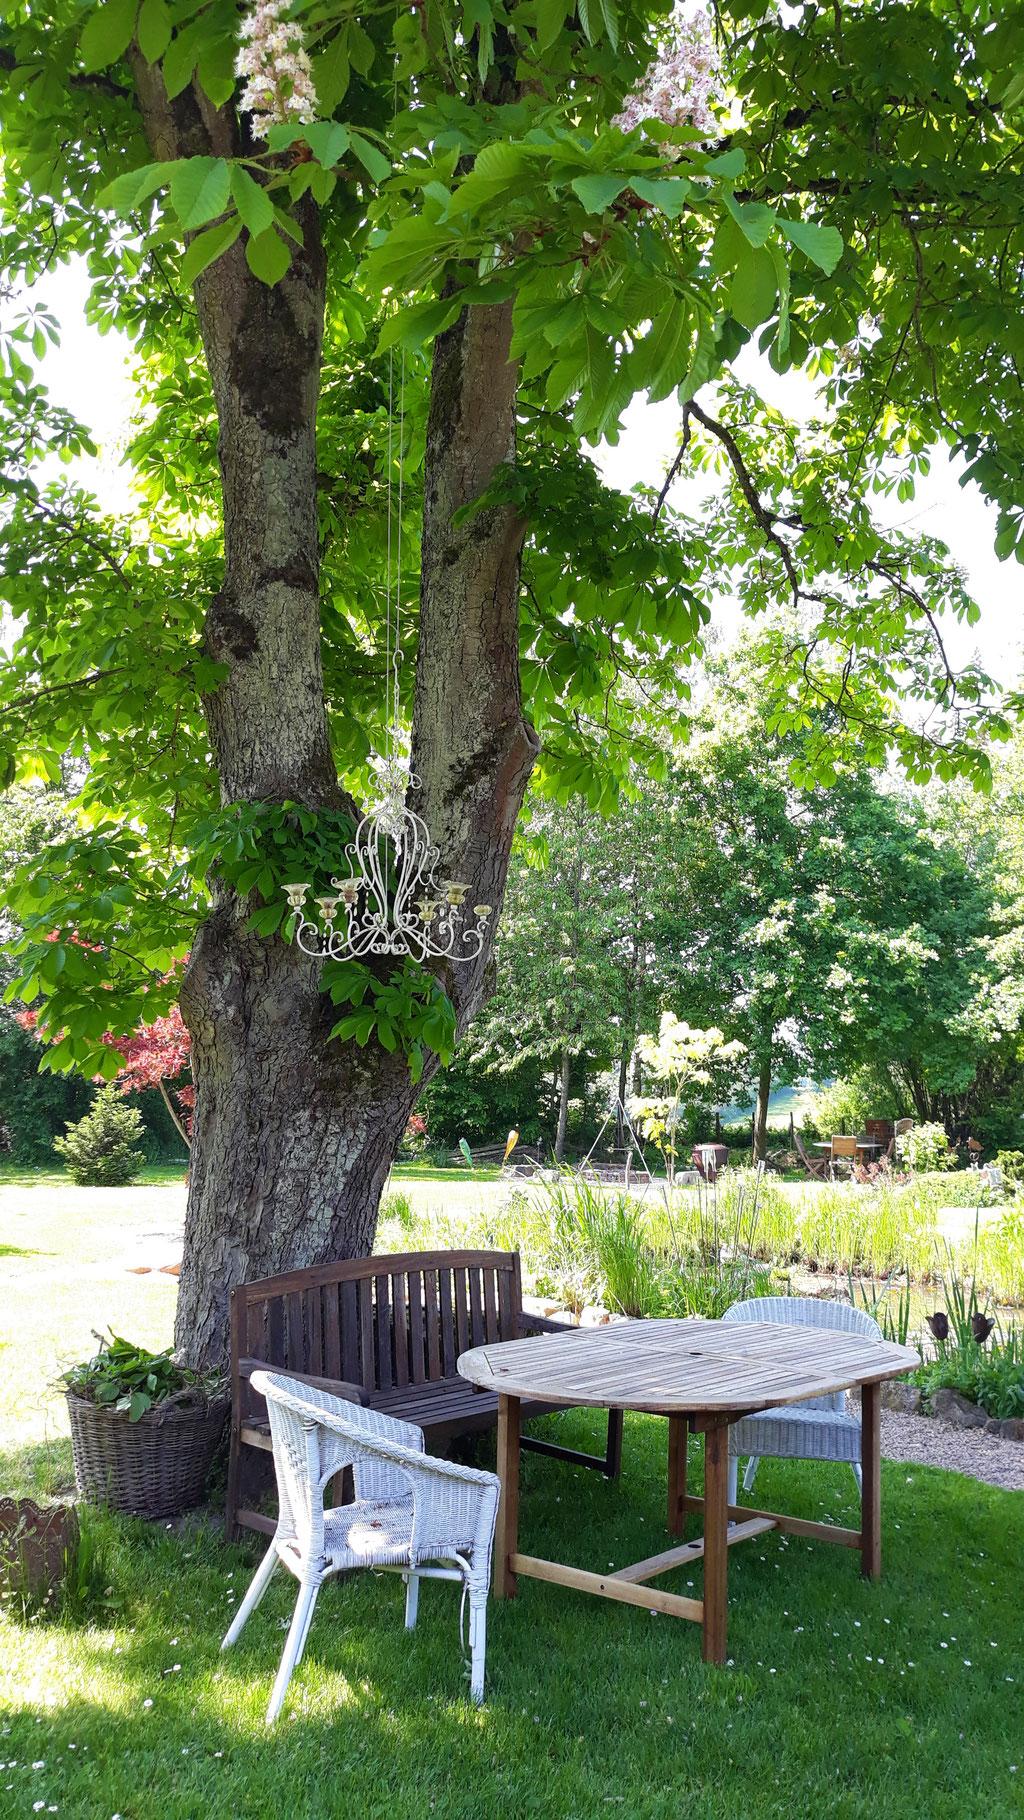 05.05. Spaziergang durch den Garten